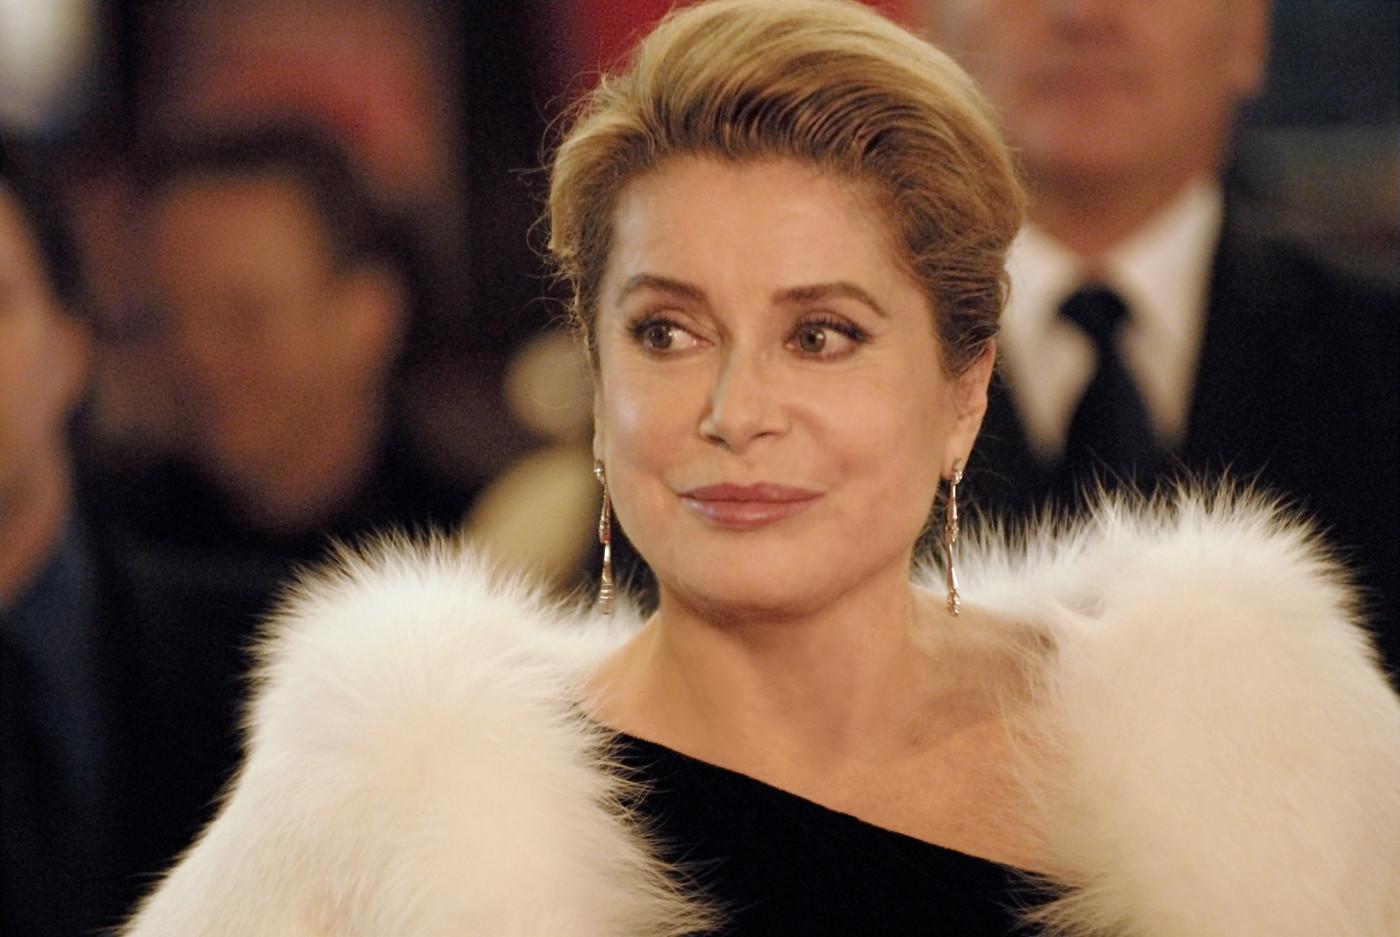 духами известные французские актеры кино женщины магазинах